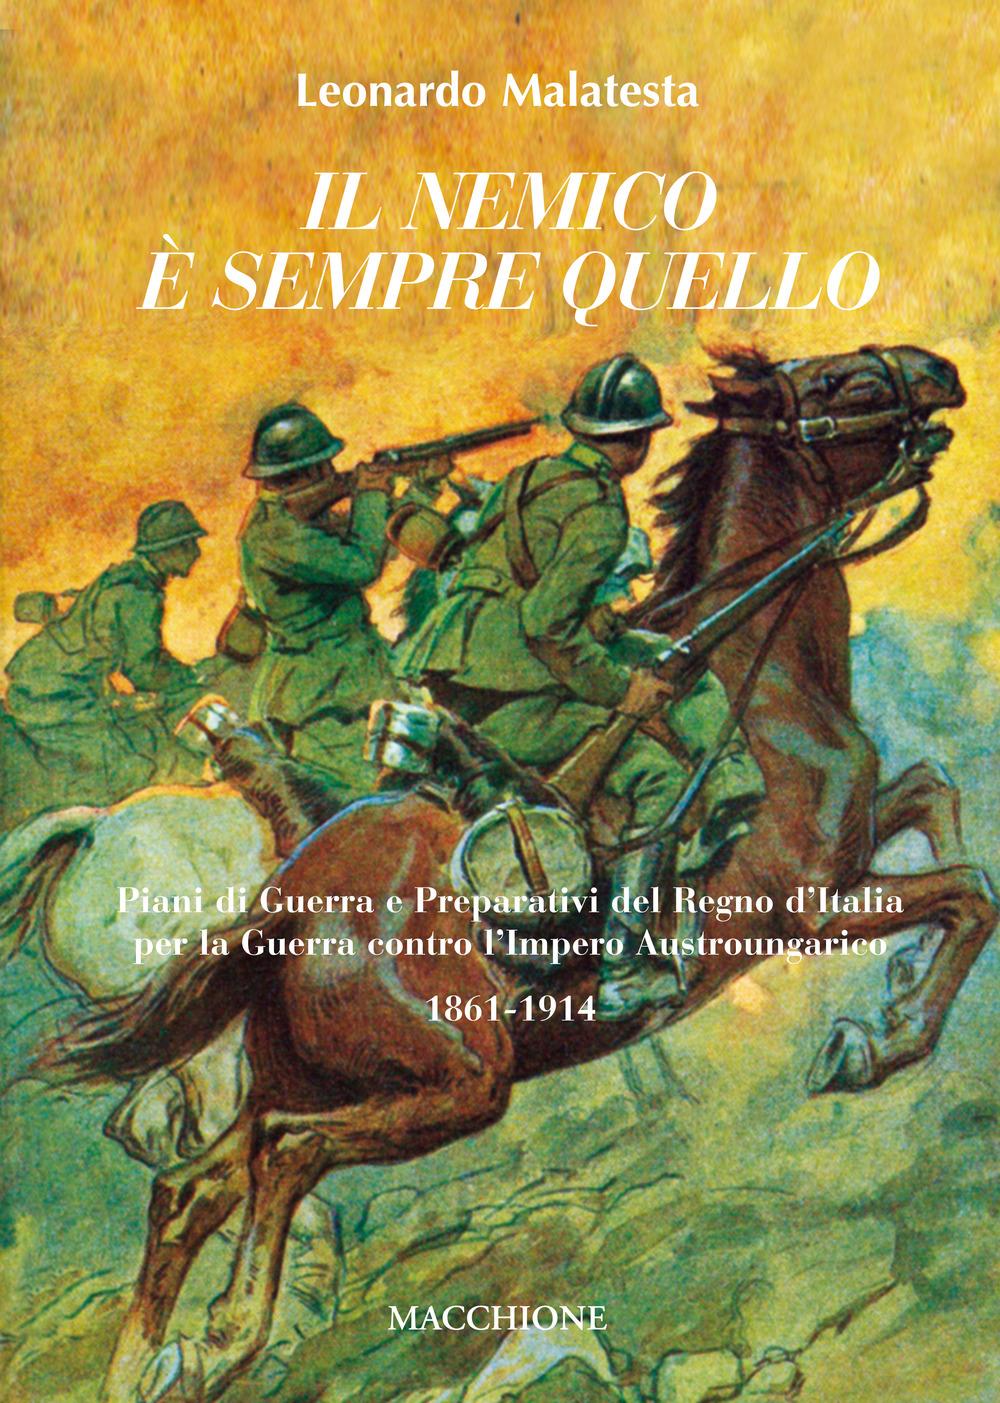 Il Nemico è Sempre Quello. Piani di Guerra e Preparativi del Regno d'Italia per la Guerra Contro l'Impero Austroungarico 1861-1914.